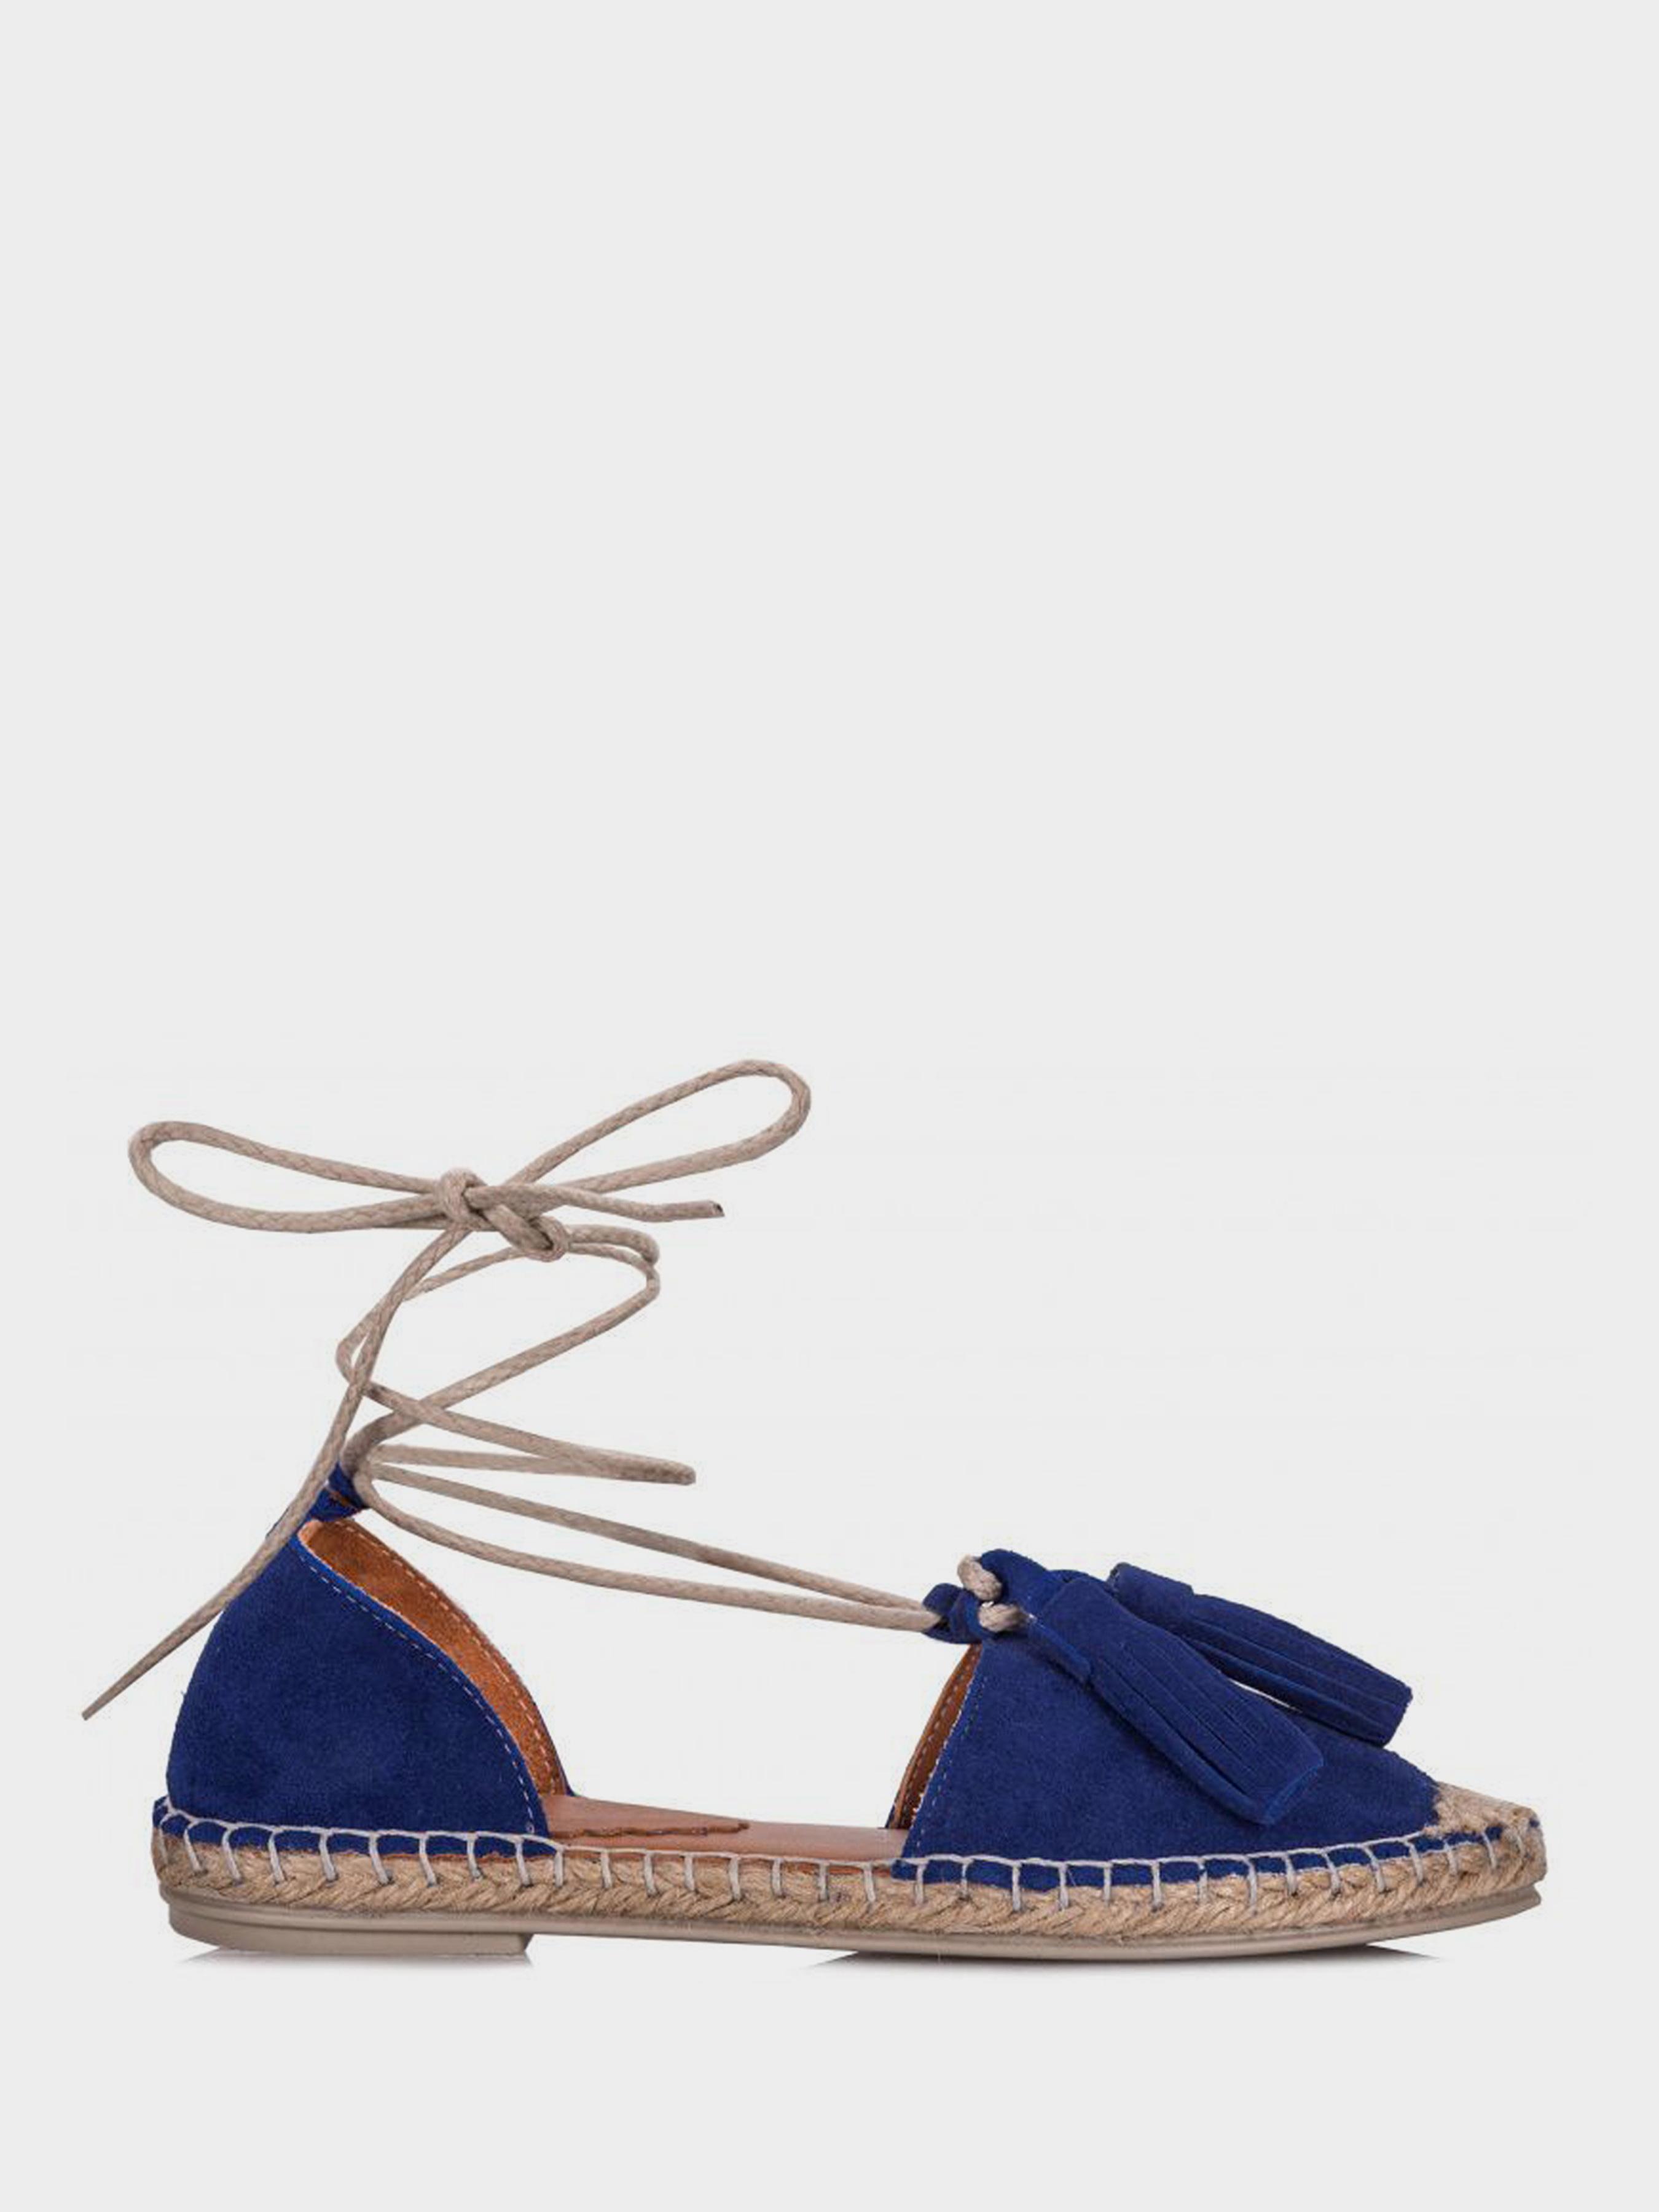 Купить Туфли женские Emmelie Delage 4O65, Синий